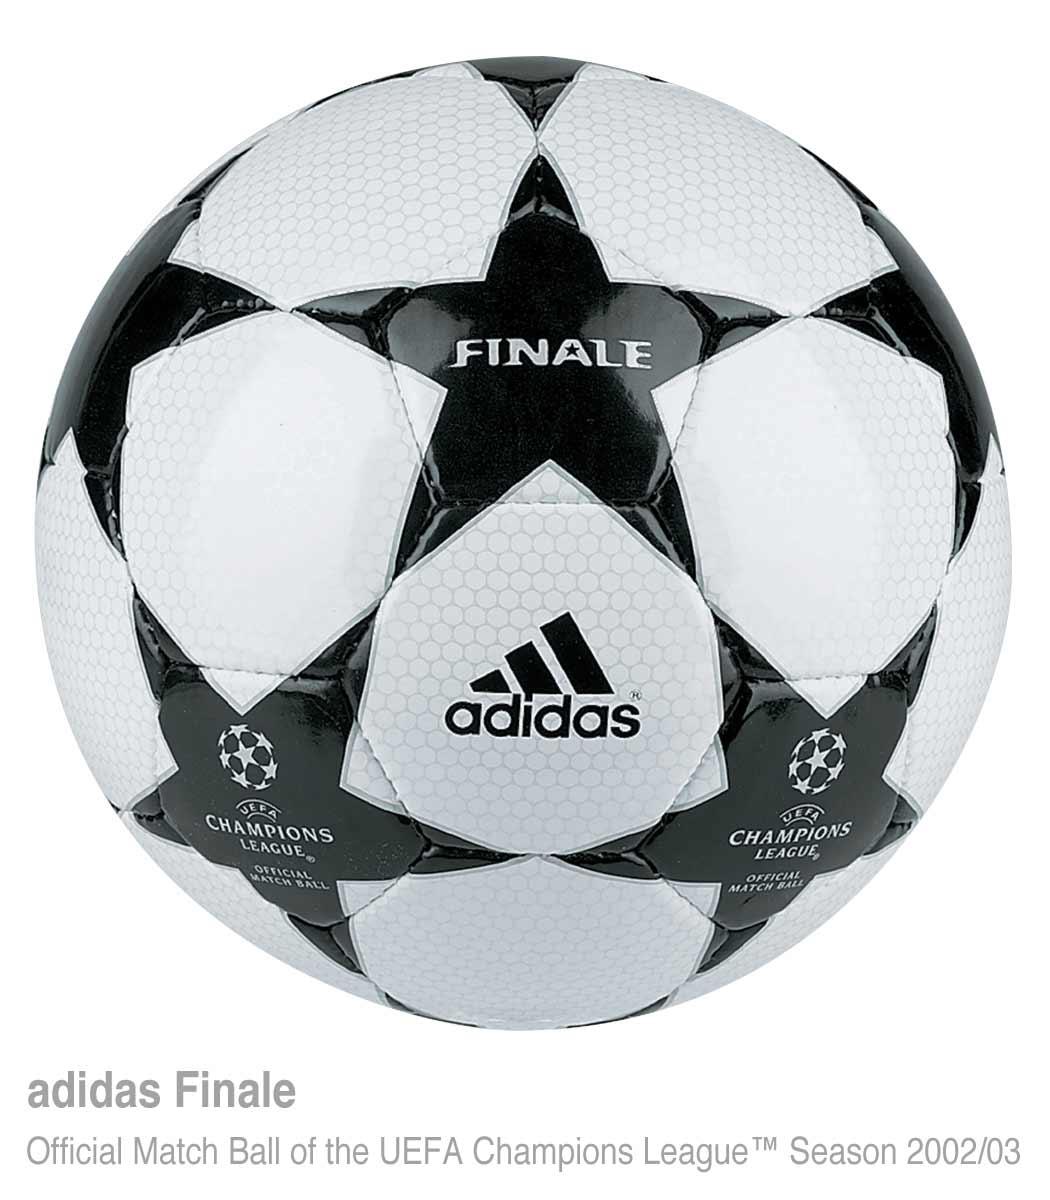 Официальный мяч Суперкубка УЕФА 2002 года — Adidas Finale 2